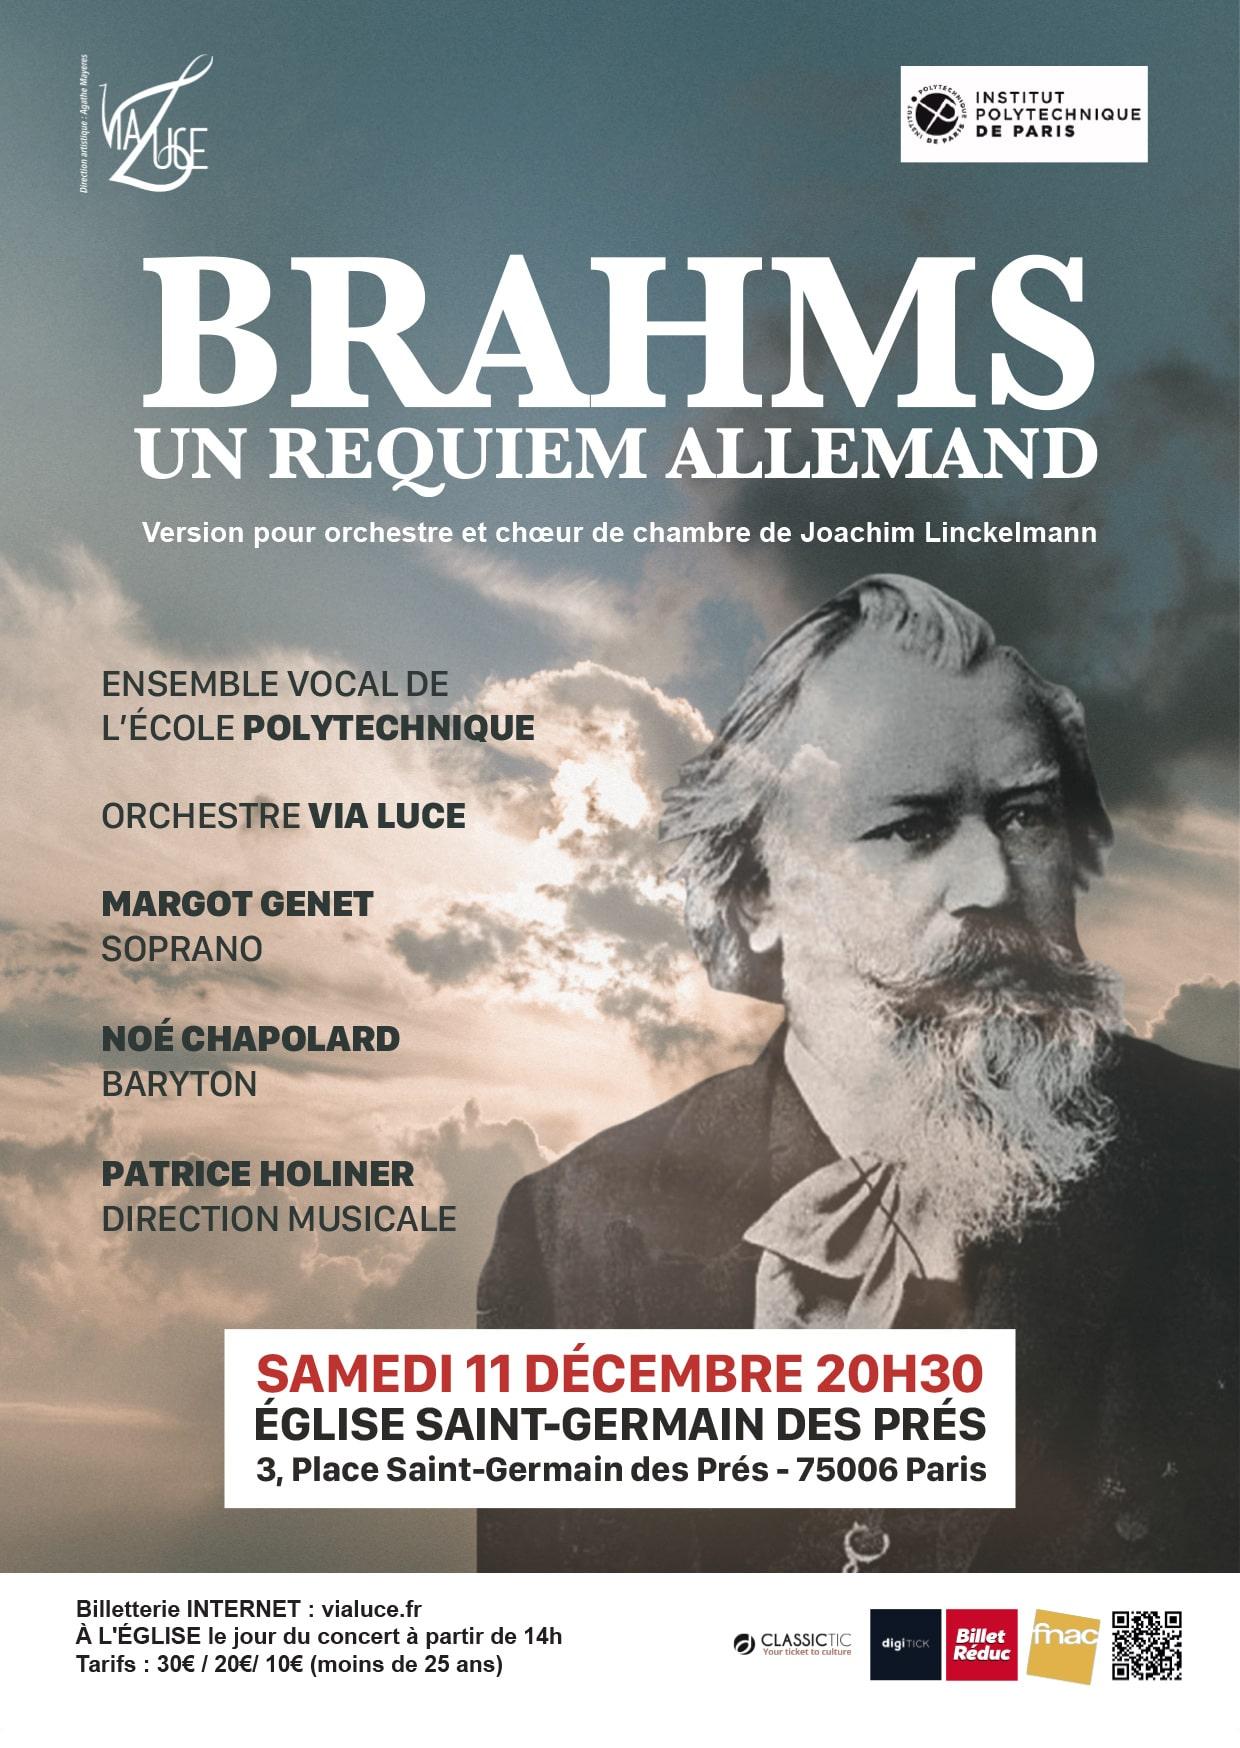 Un Requiem Allemand / Johannes Brahms Eglise Saint Germain des Prés Paris